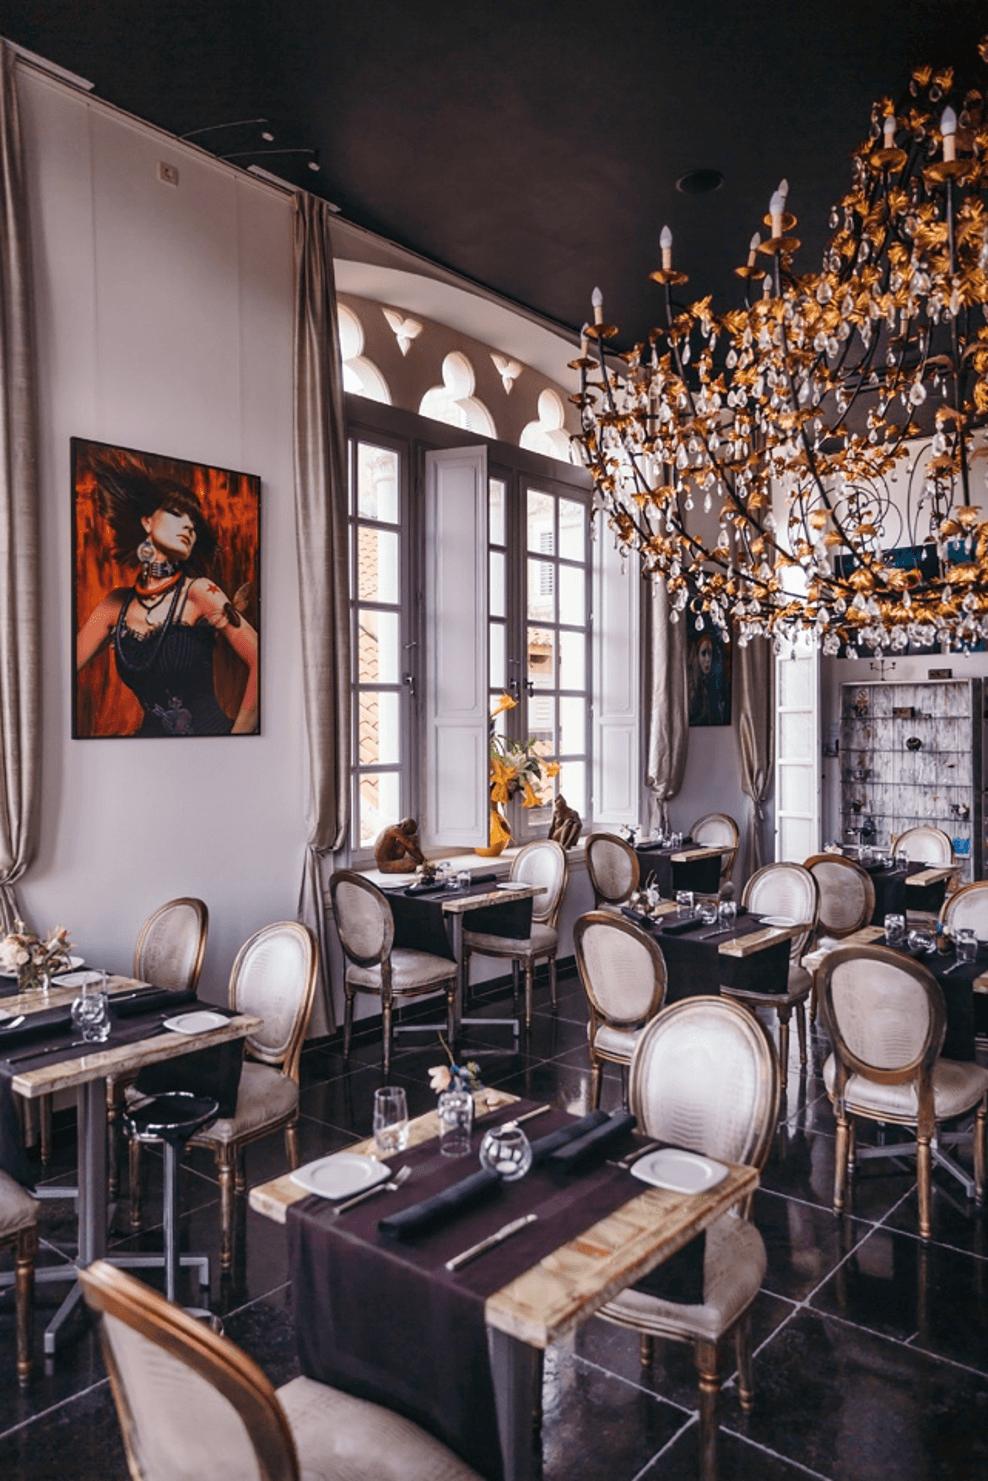 interior of restaruant